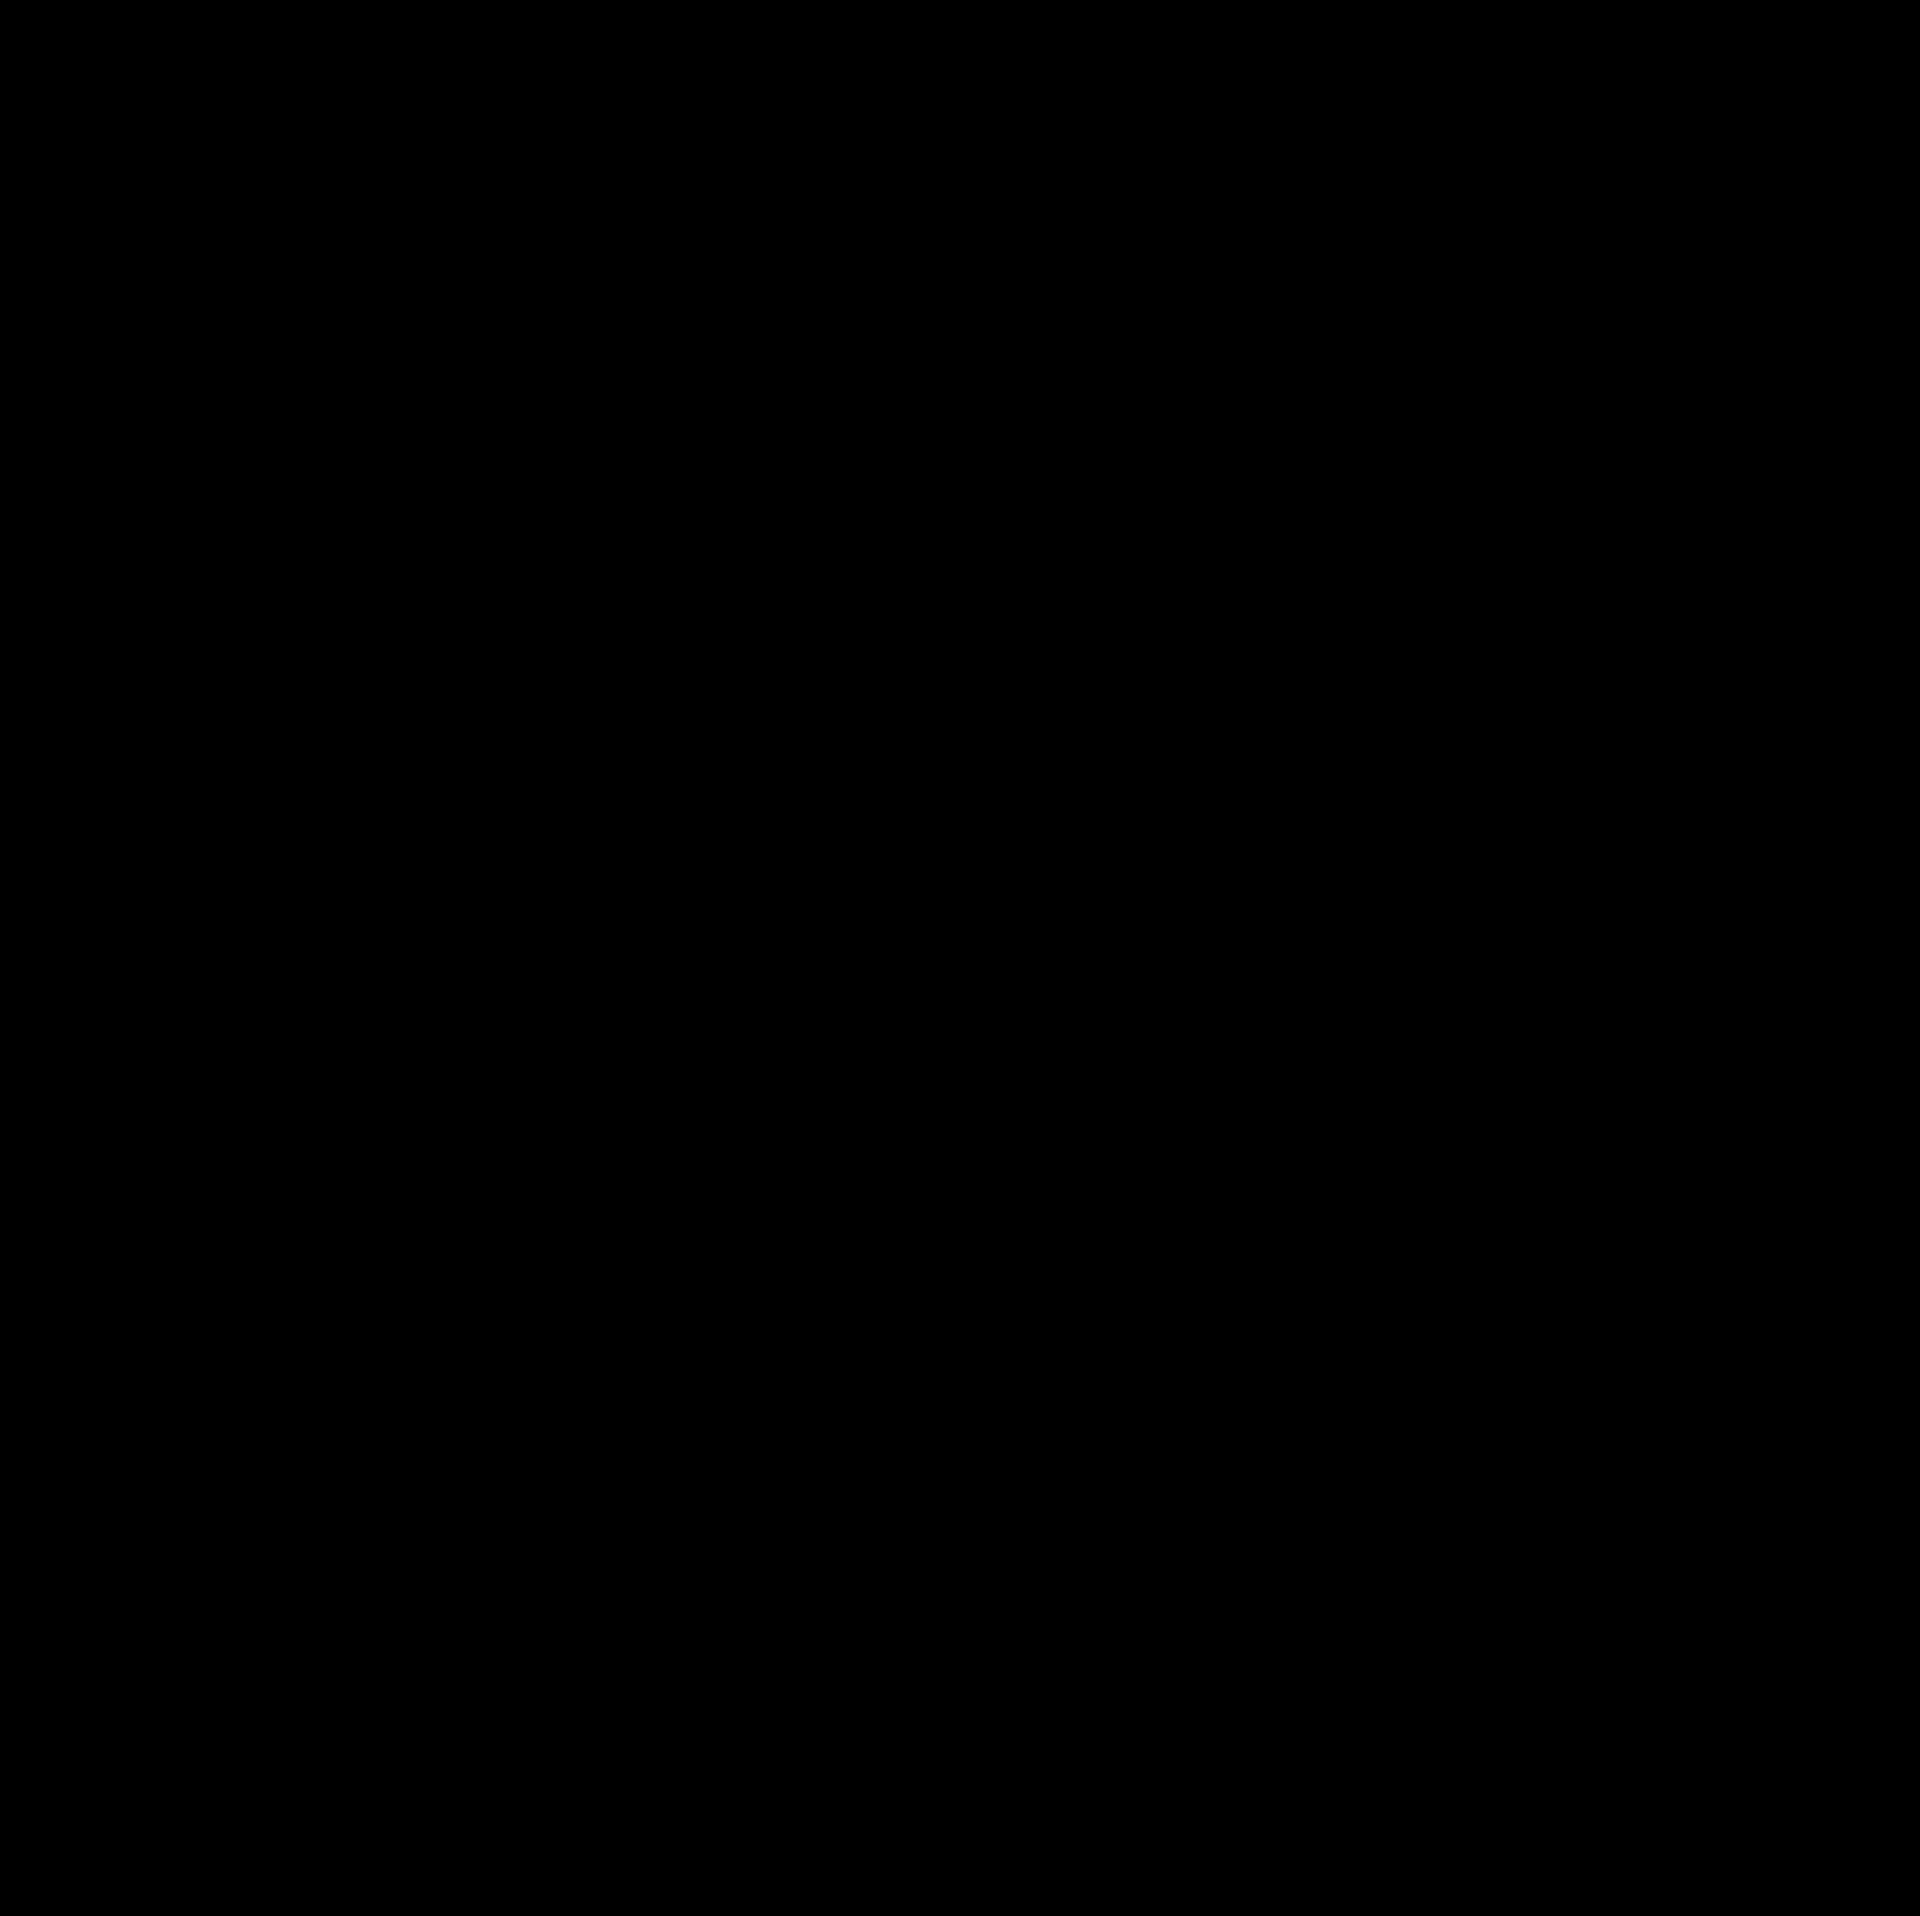 Ausmalbild (3)